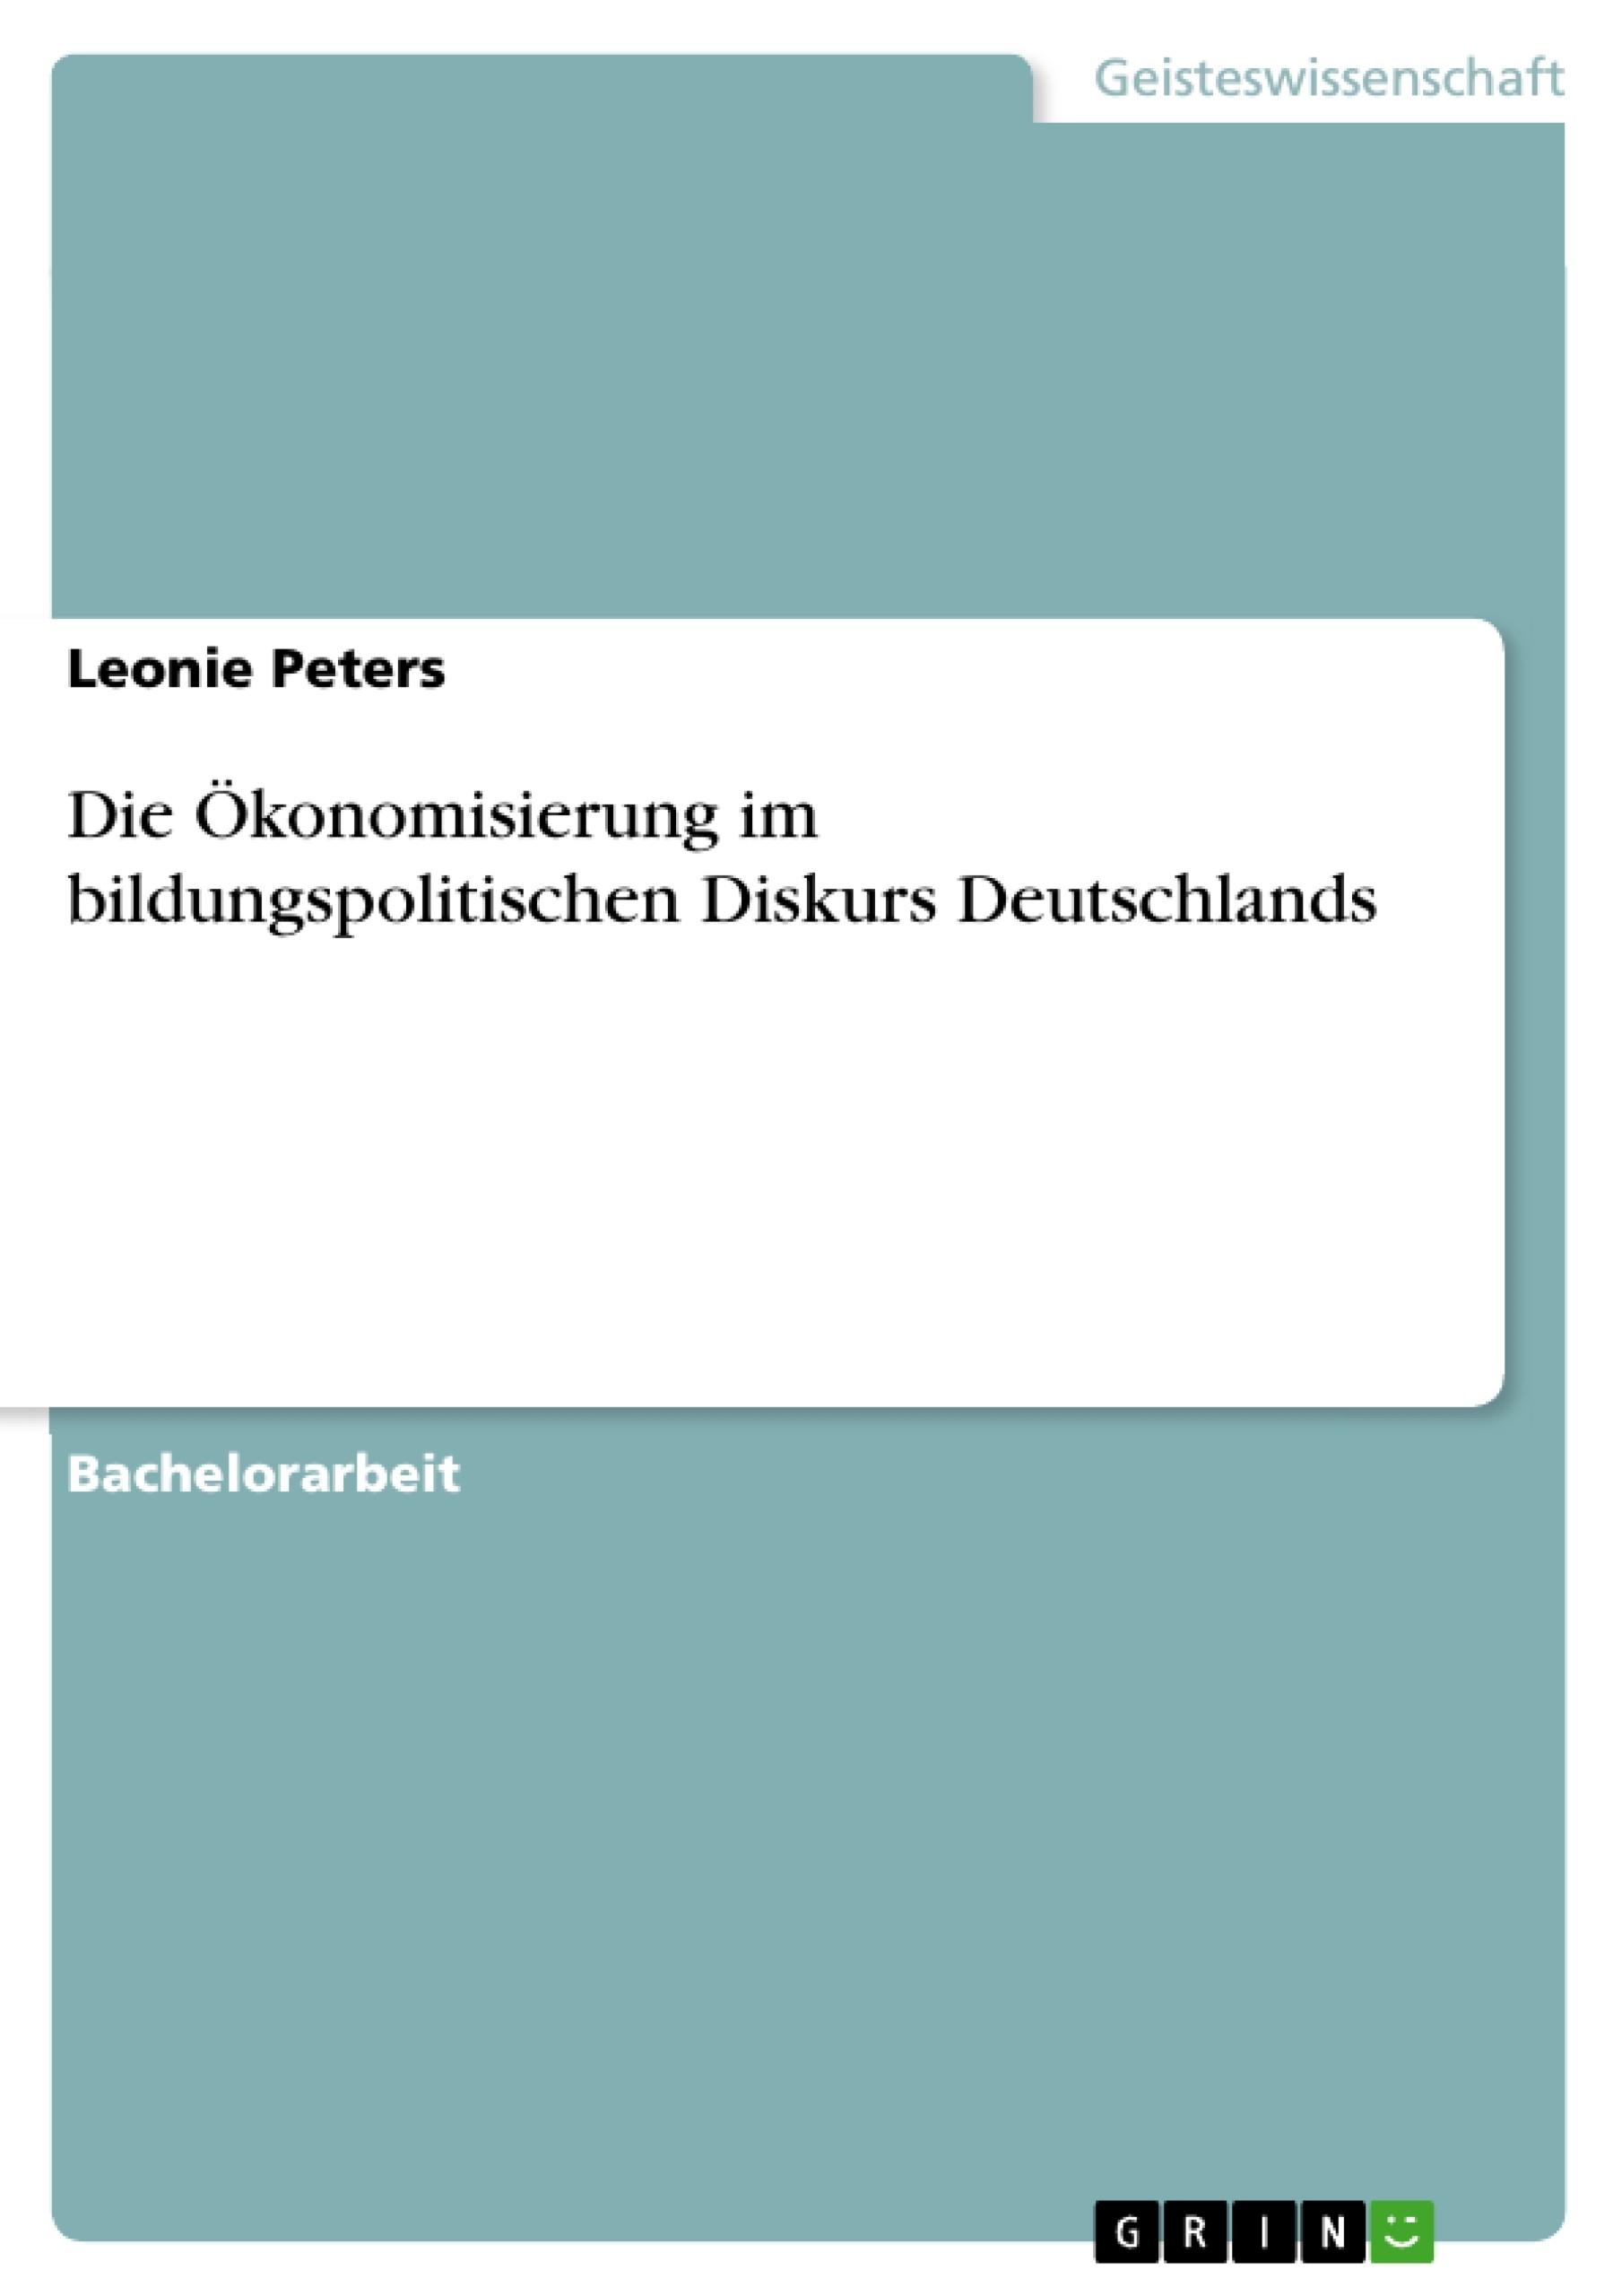 Titel: Die Ökonomisierung im bildungspolitischen Diskurs Deutschlands